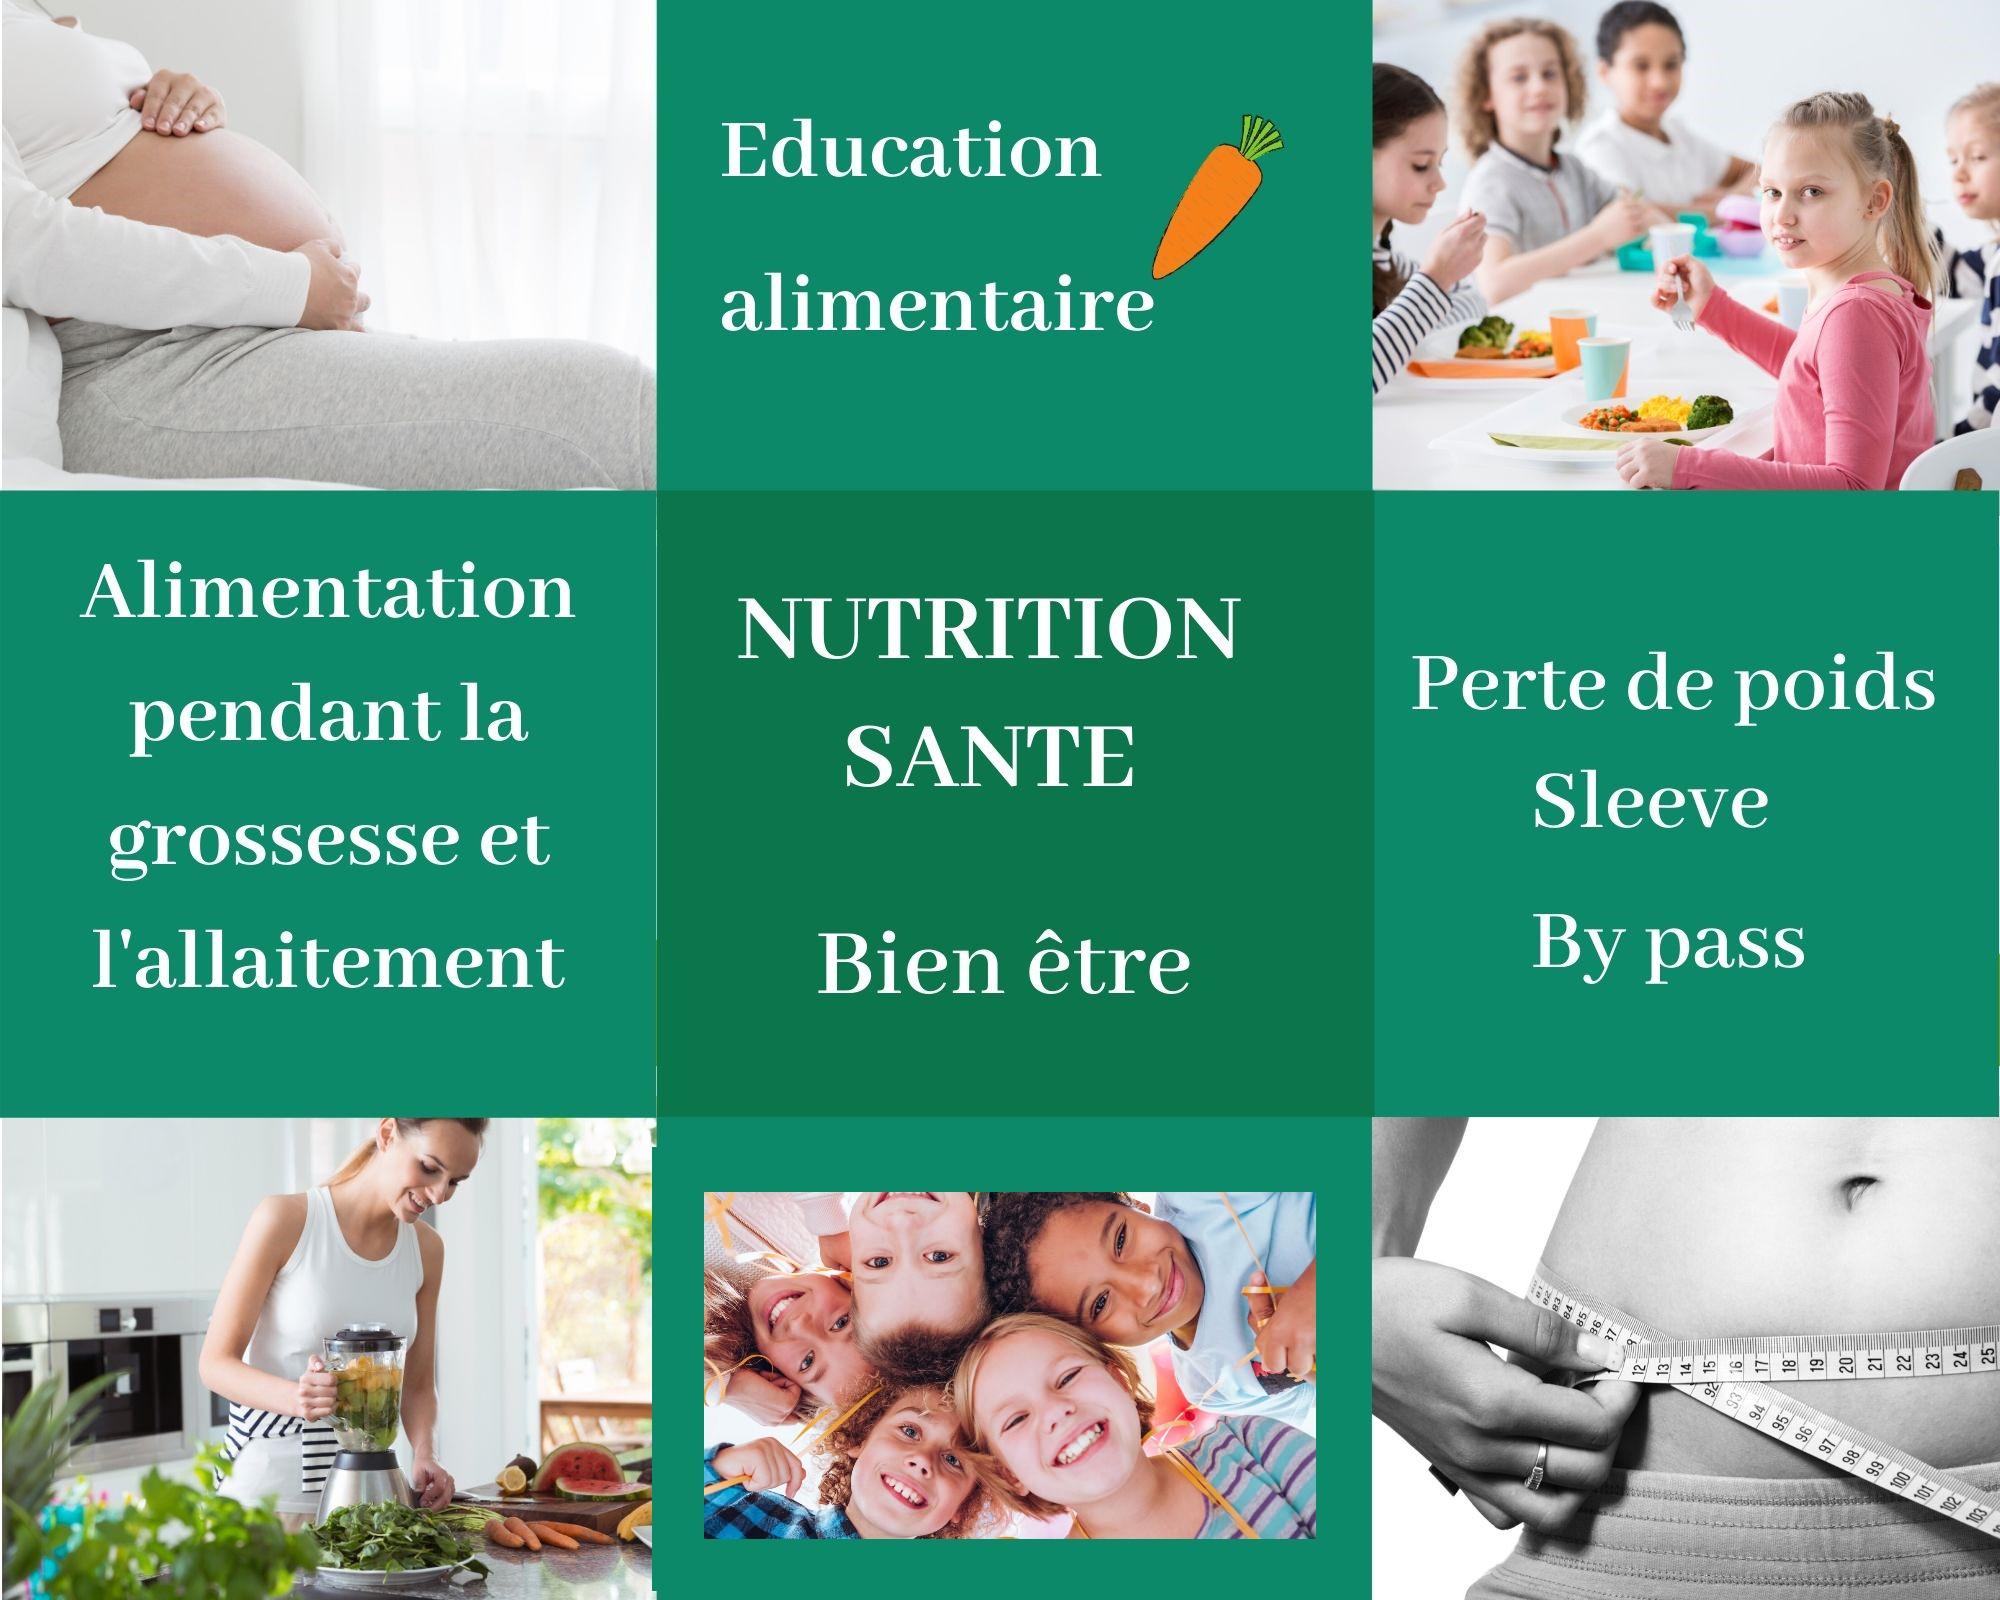 Nutritionniste à Bagnols sur Cèze perte de poids et alimentation grossesse